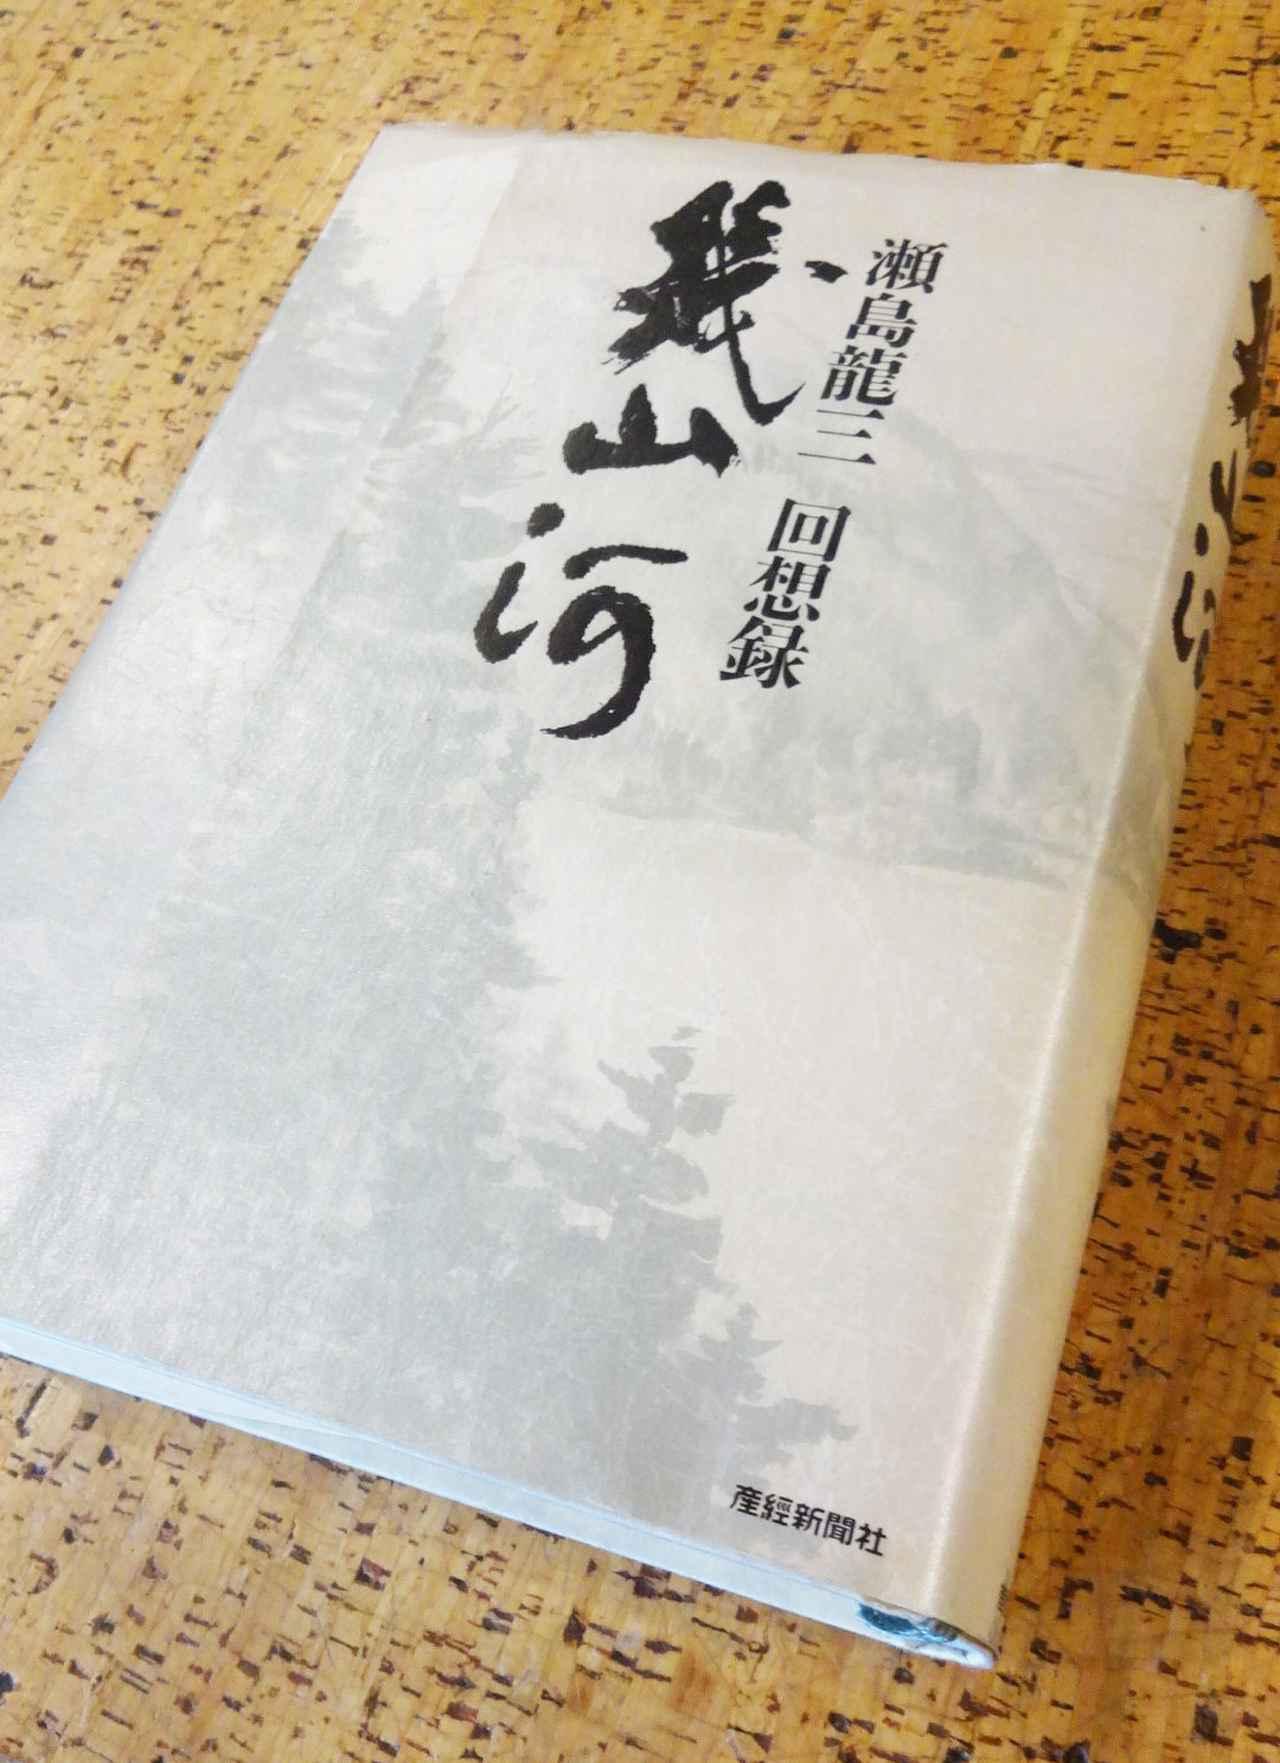 画像1: 永遠の図書室通信 第12話「瀬島龍三」